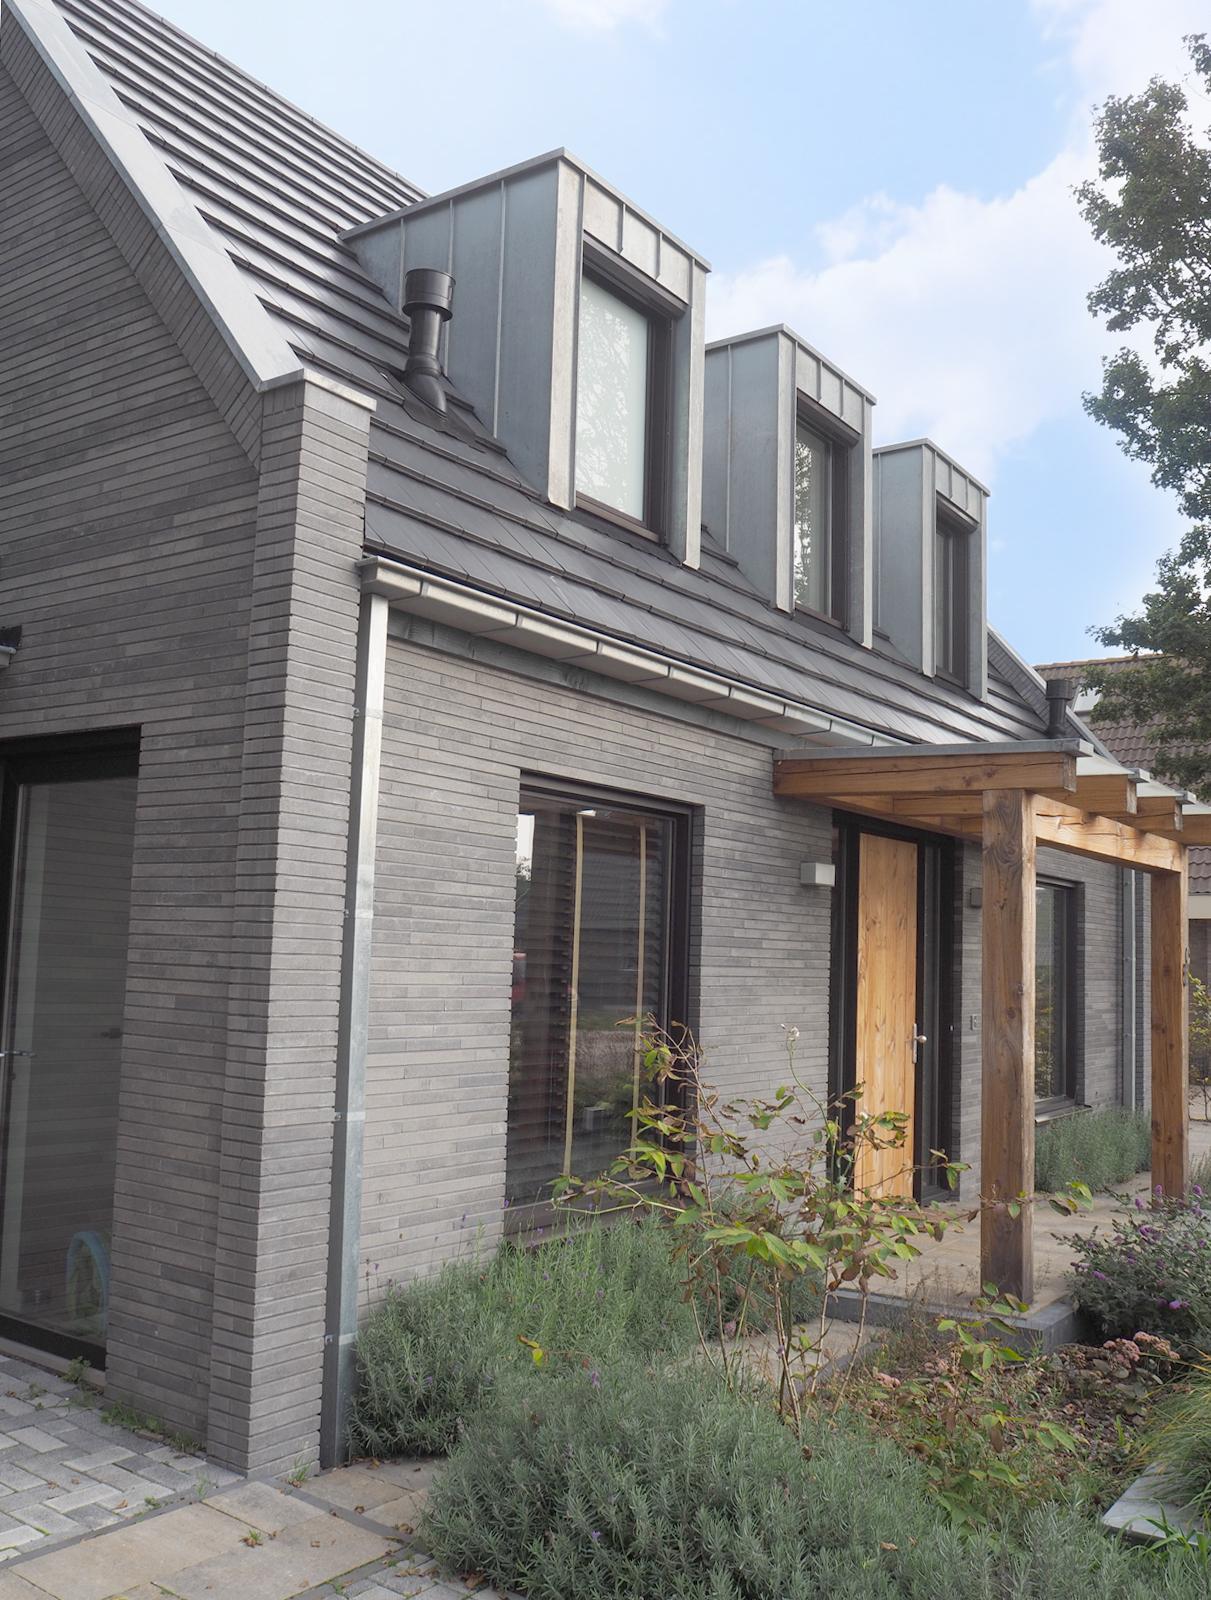 limmen_jeroendenijs_bni_architect_interior_zijaanzicht